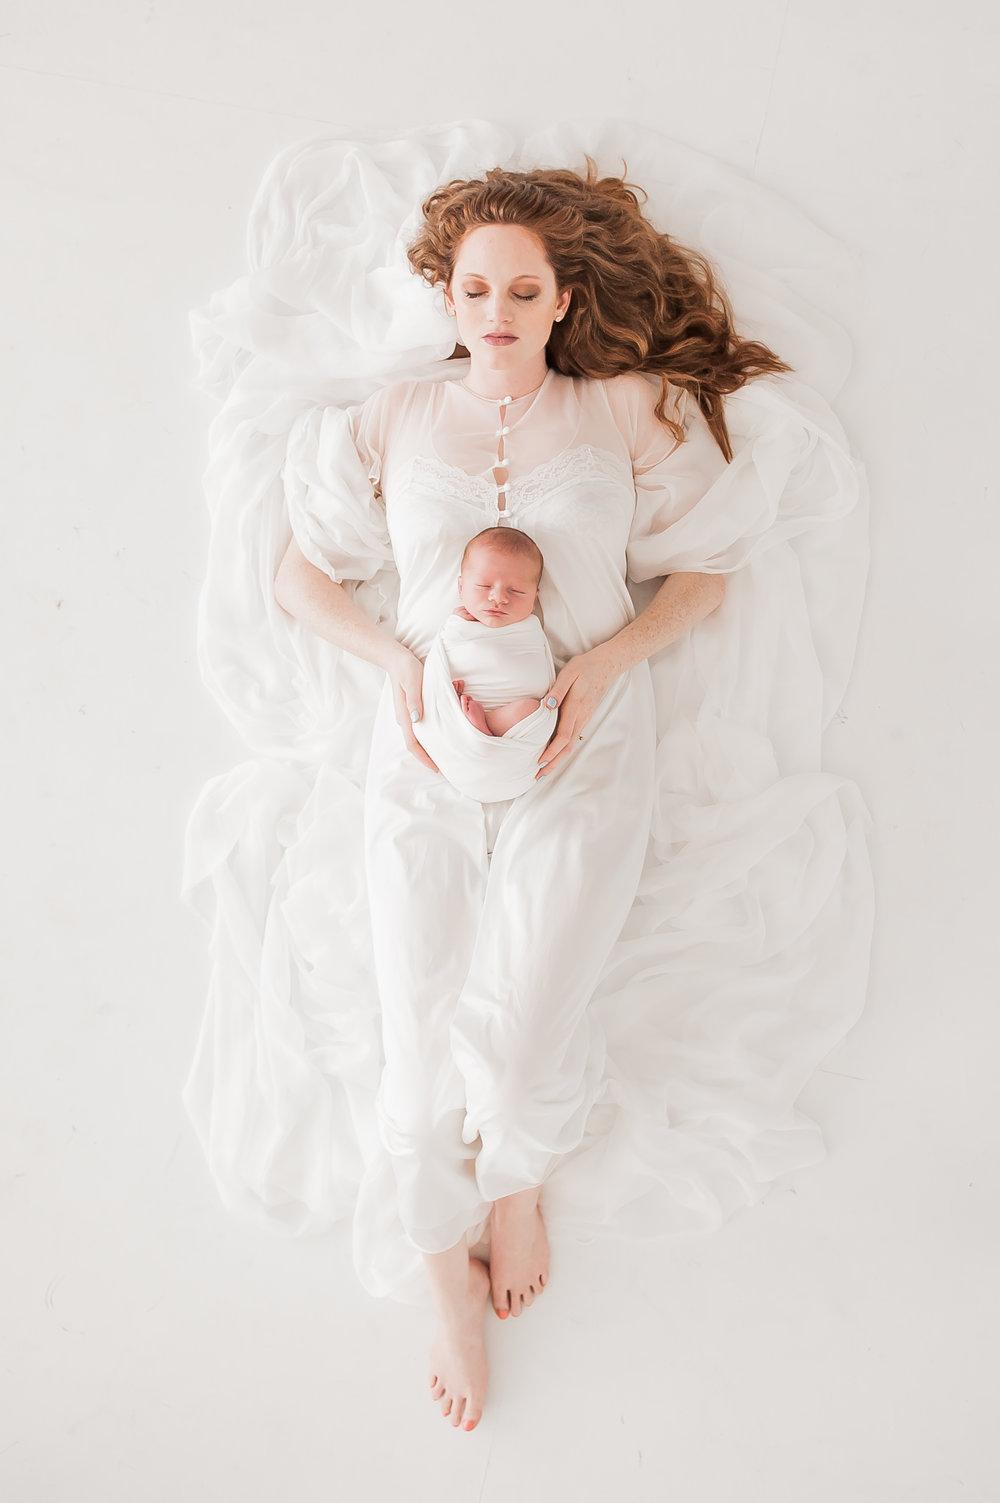 family-photographer-boston-011.jpg